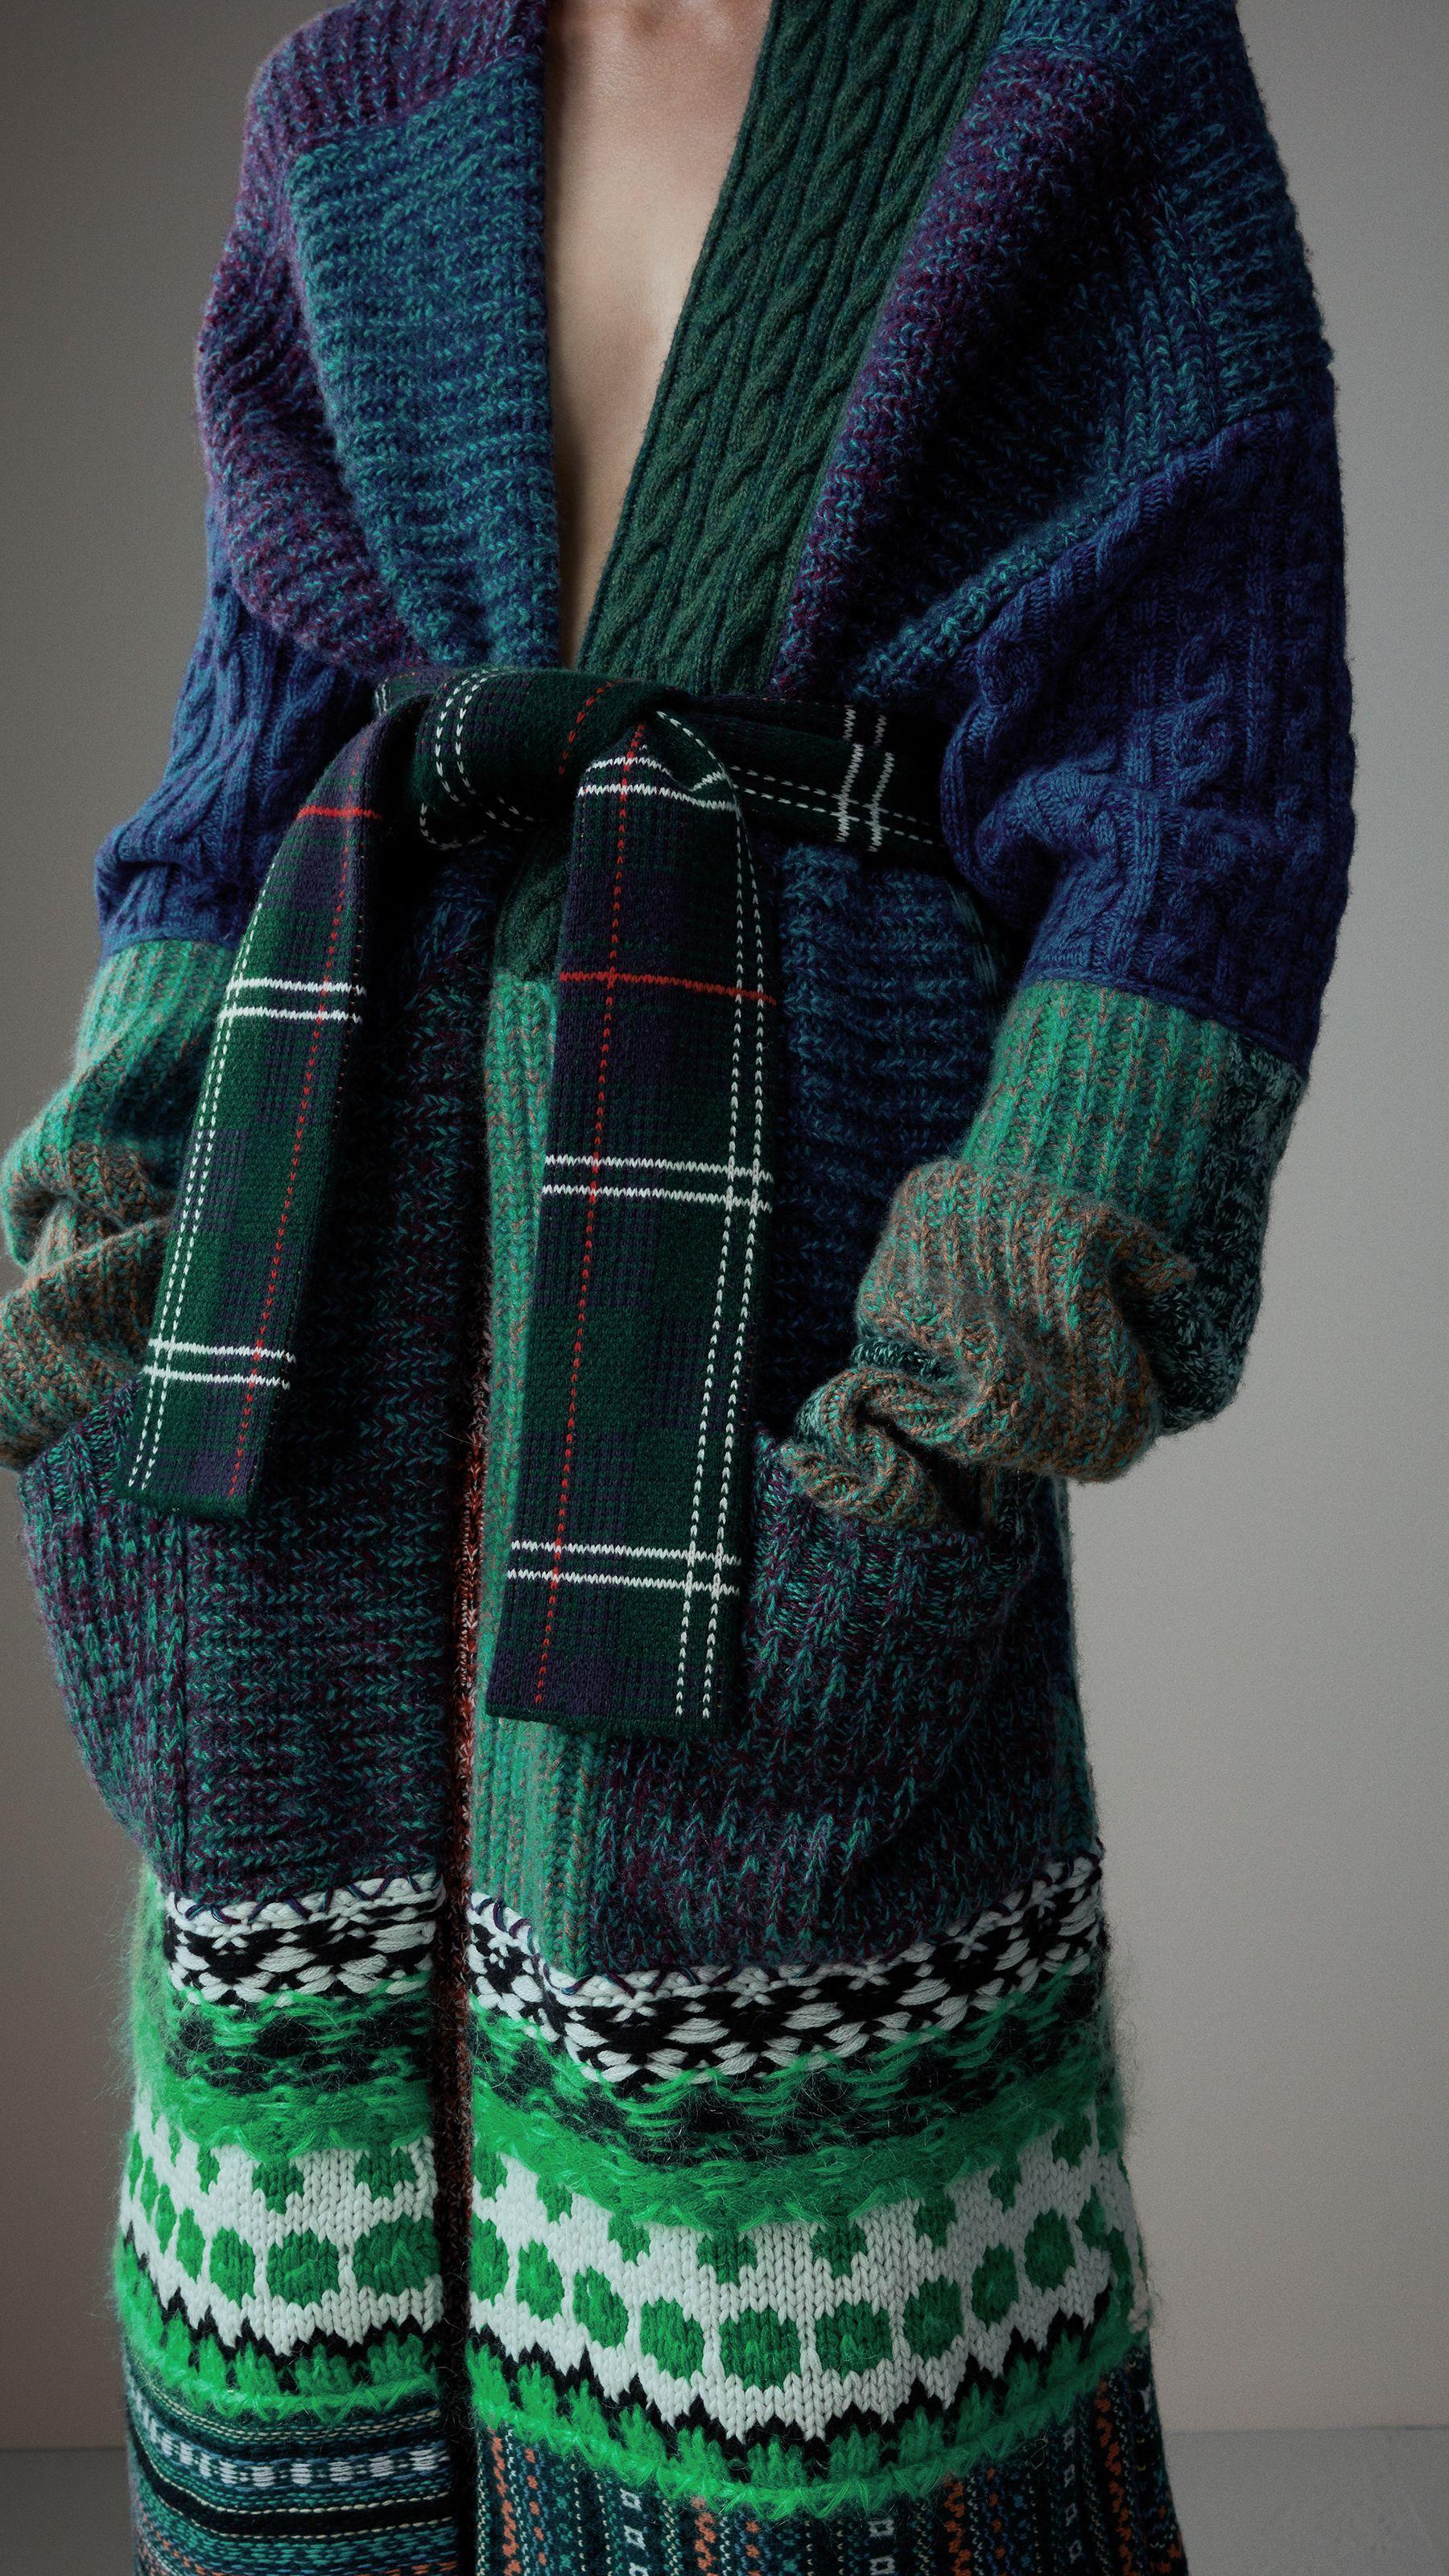 maille épaisse 品 le manteau tricot laine hiver bleu vert coat knit wool  blue green wool esprit écossais scotland 45eaff2edd41